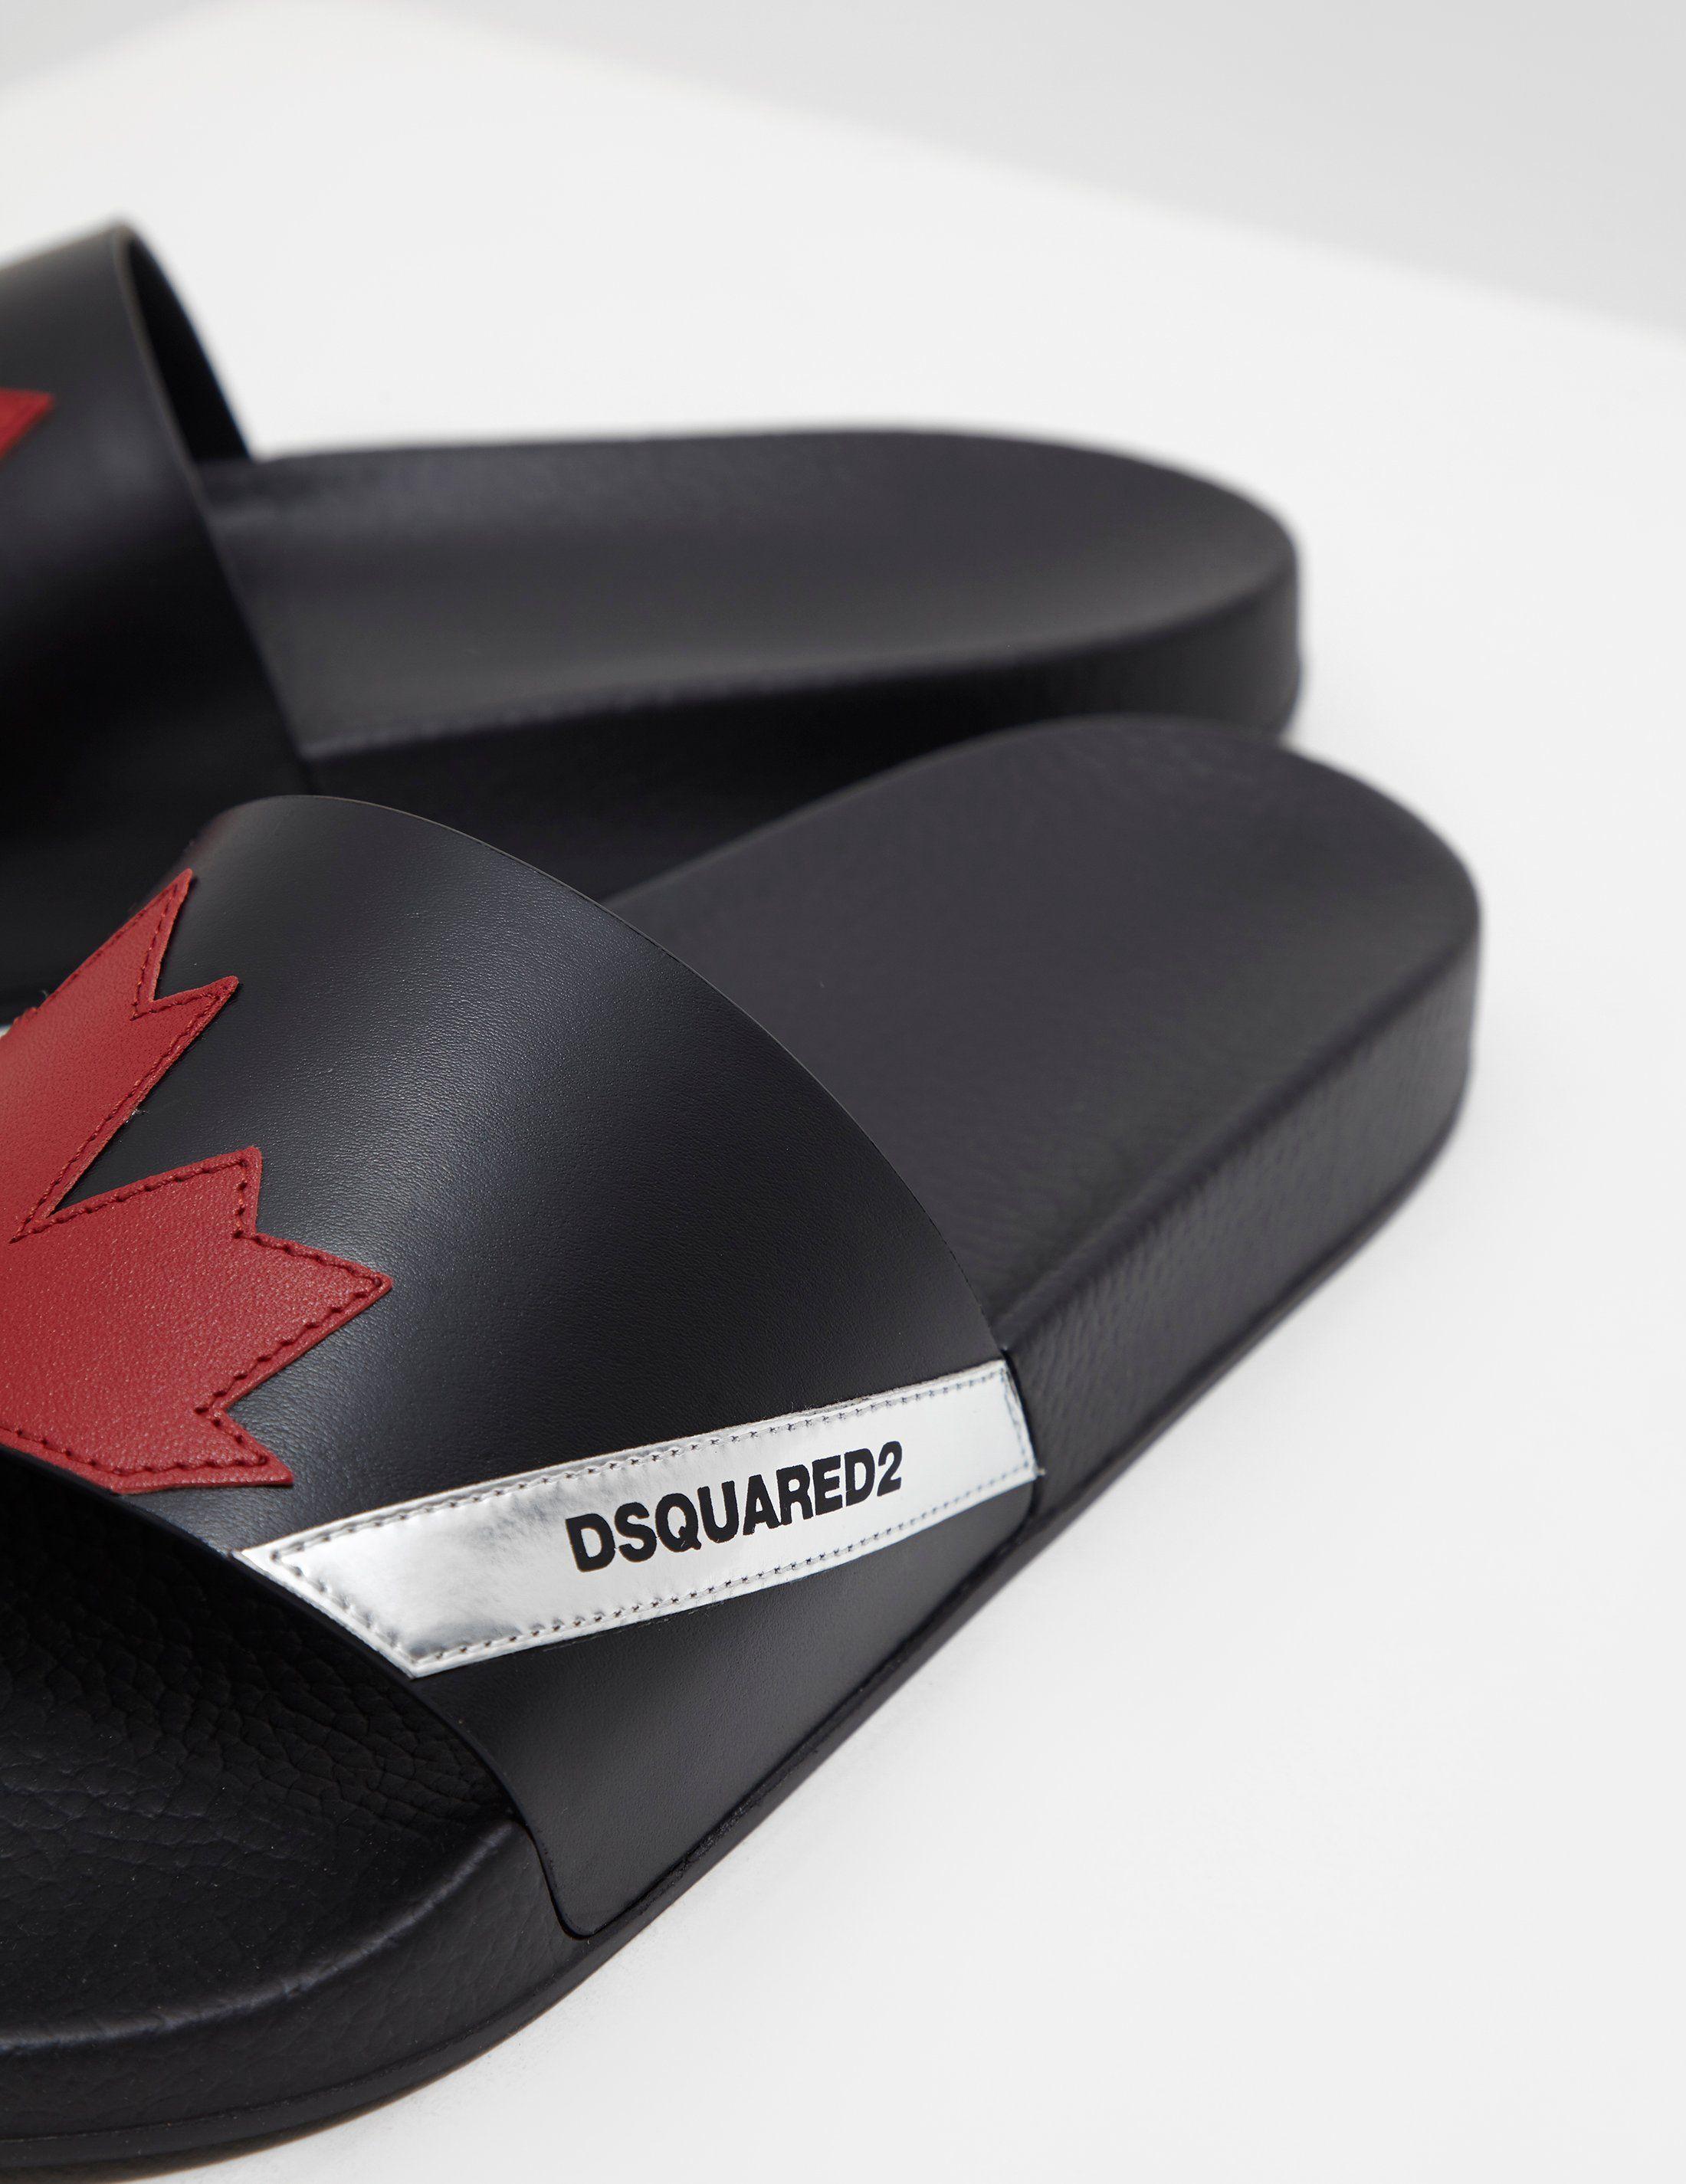 Dsquared2 Leaf Slides